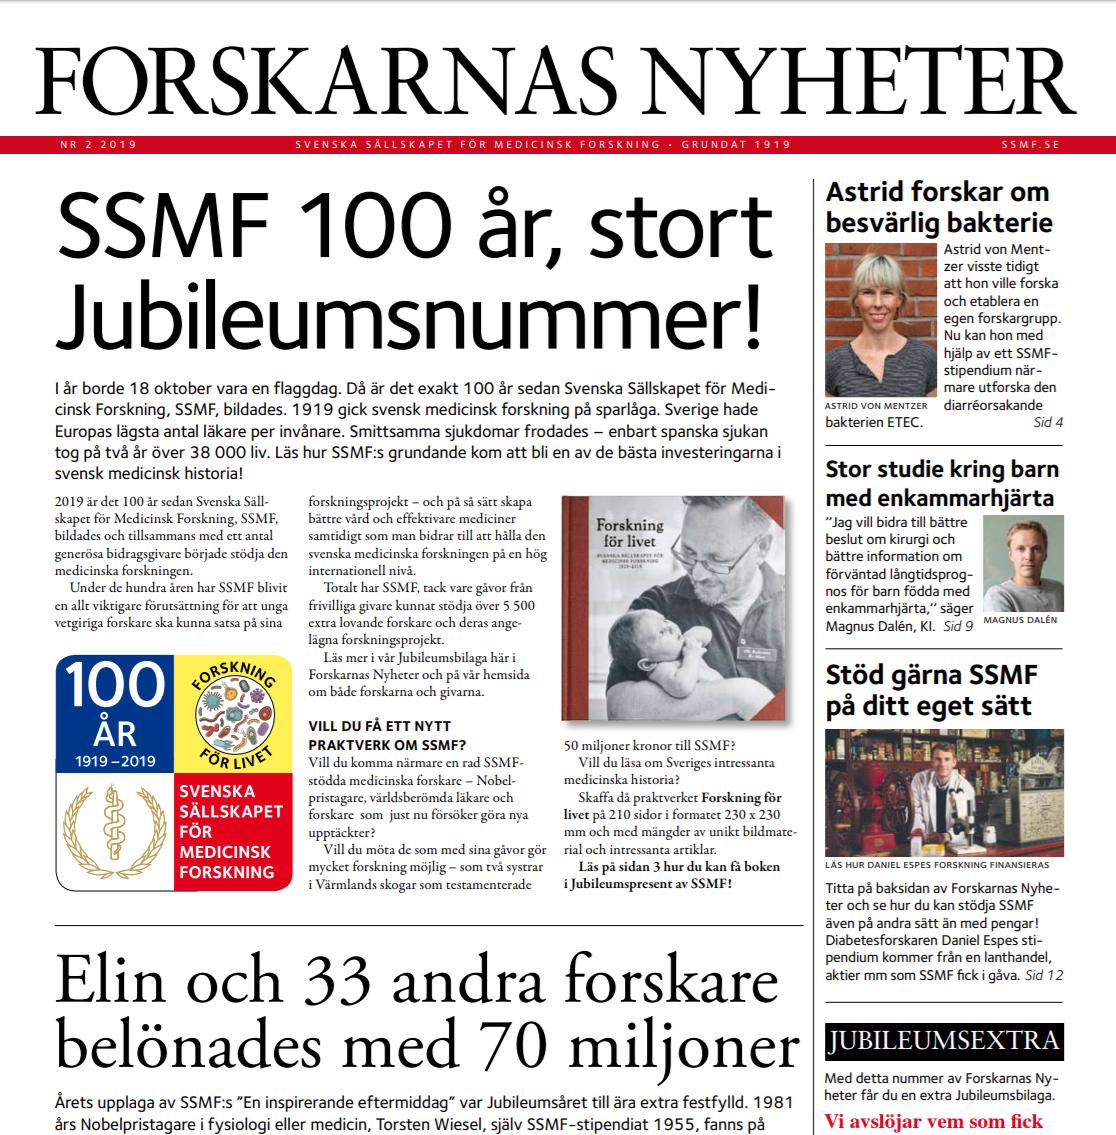 Forskarnas Nyheter nr 2, 2019, utgiven av SSMF - läs om medicinsk forskning i framkant. Bild: ssmf.se